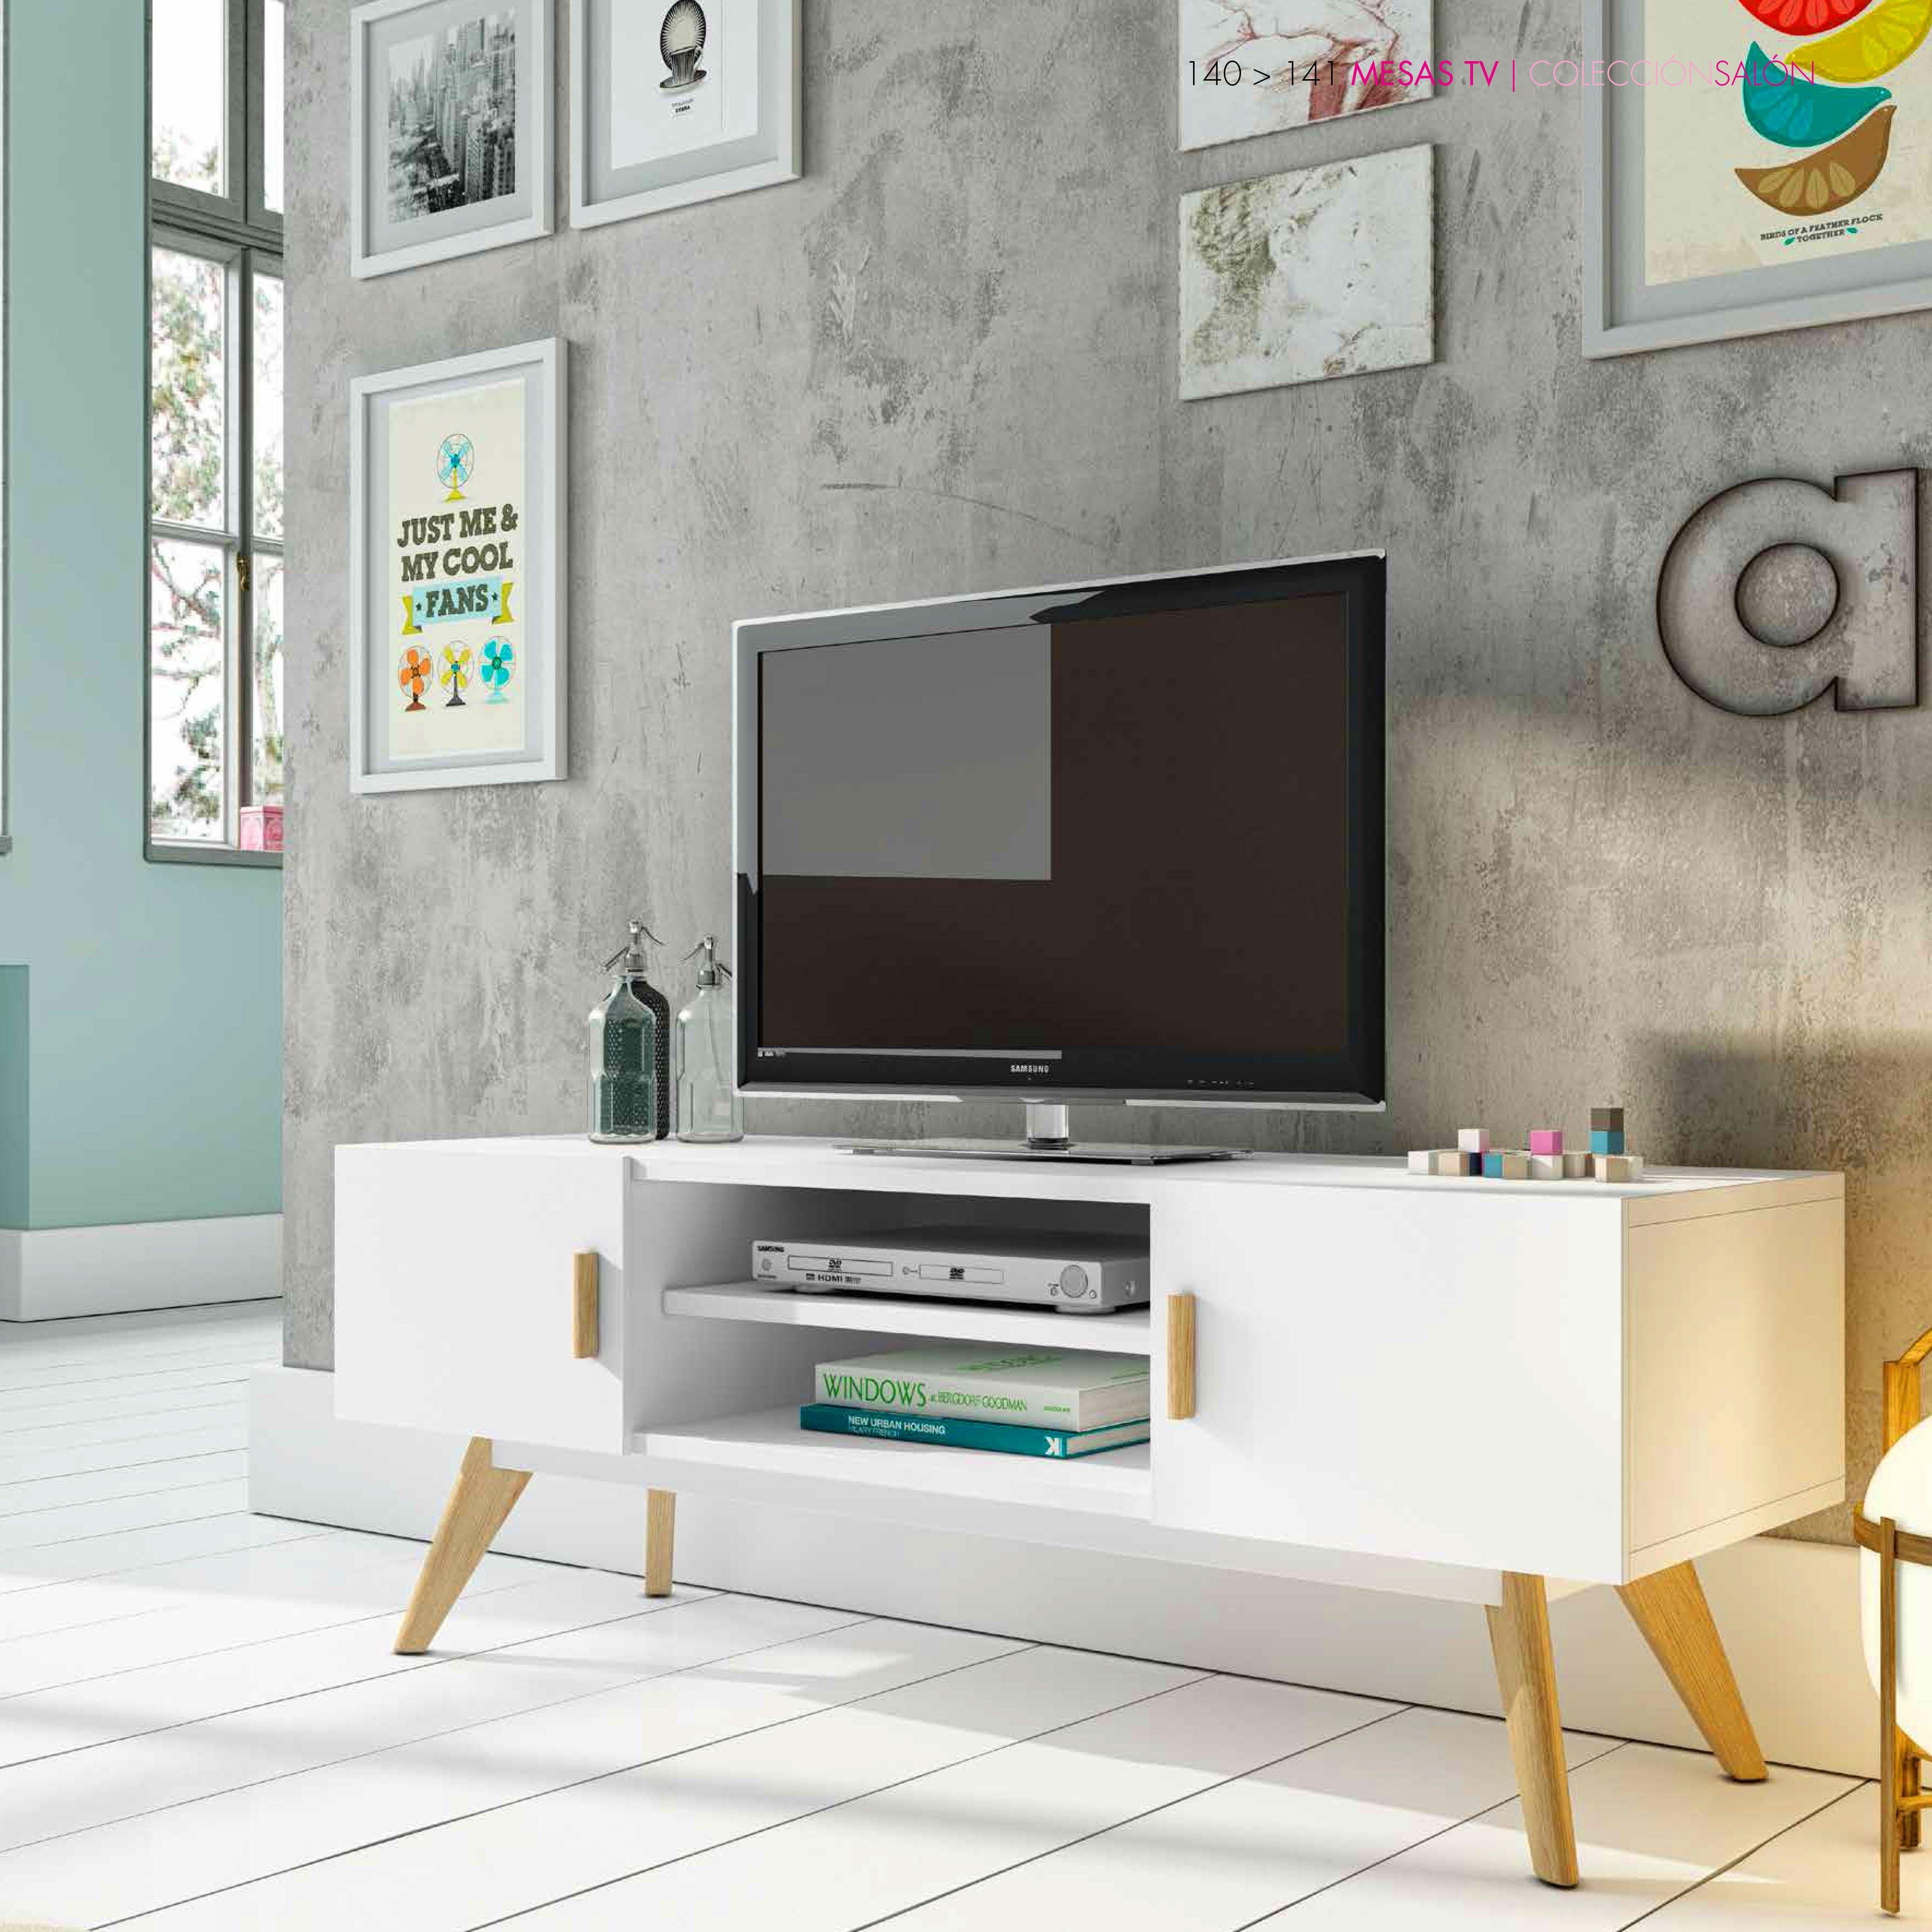 Mueble De Televisi N N Rdic 120cm Muebles De Television  # Muebles Filadelfia Para Estetica